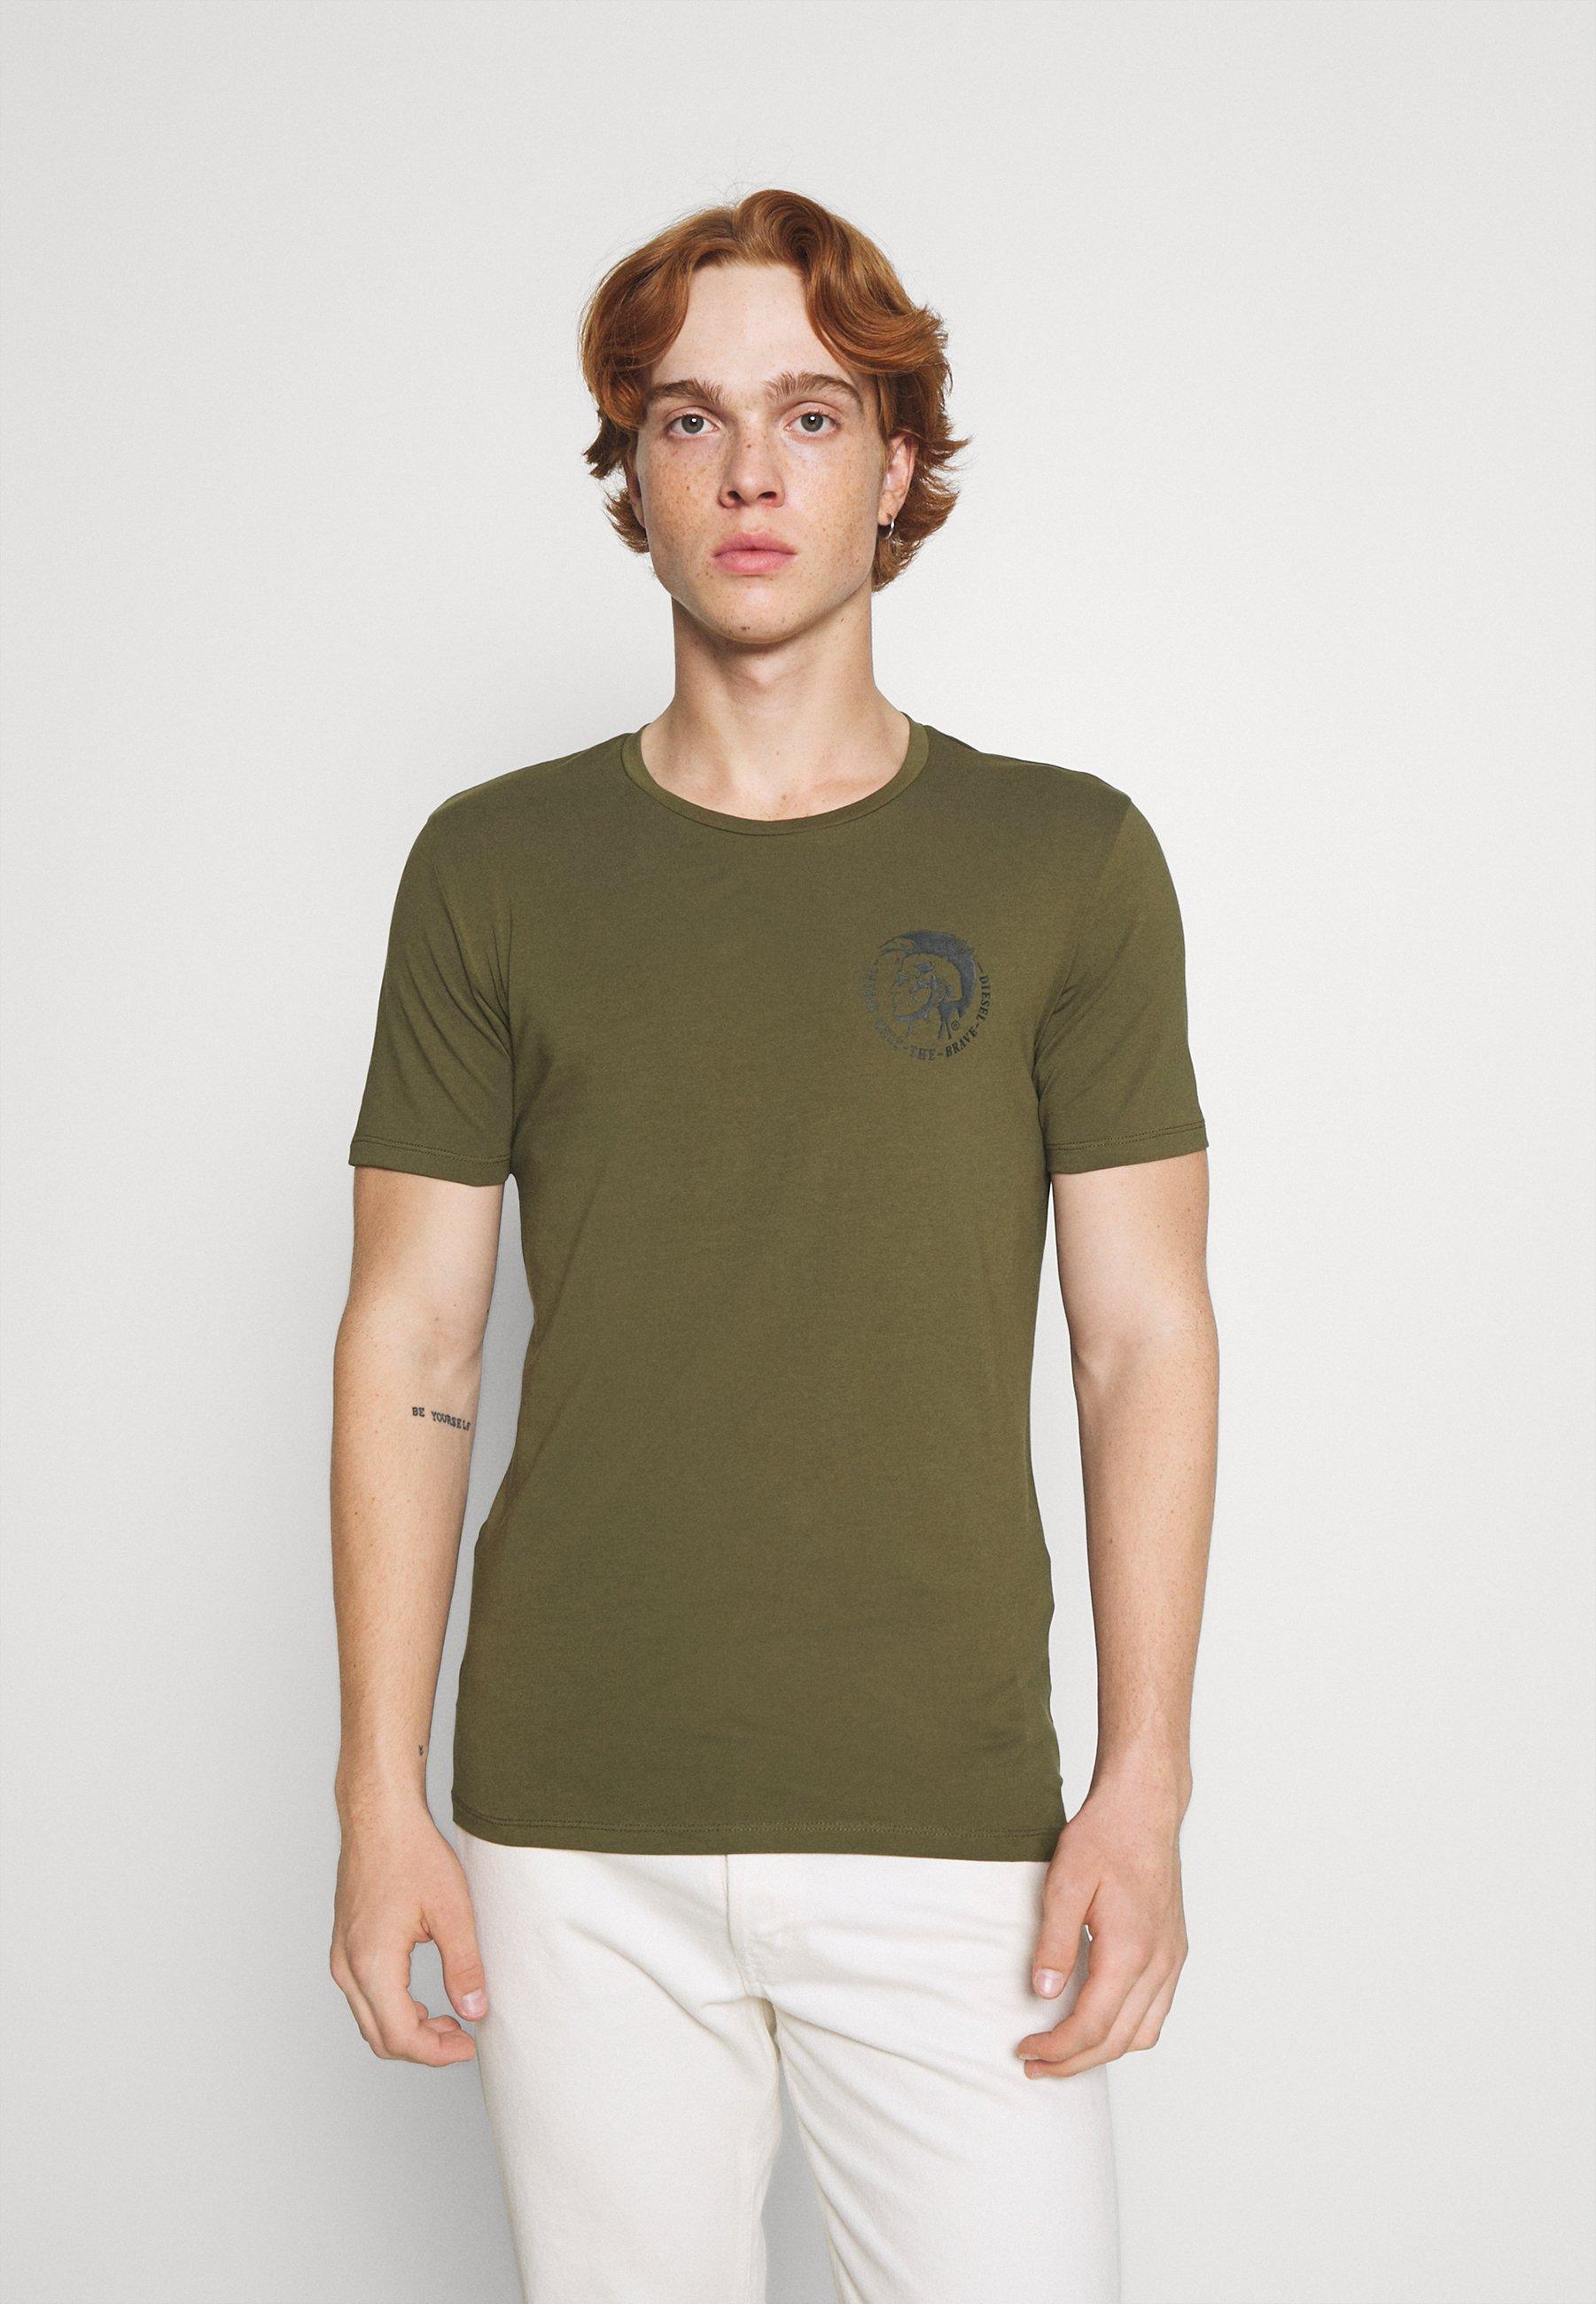 Herrer UMTEE RANDAL 3 PACK - T-shirts basic